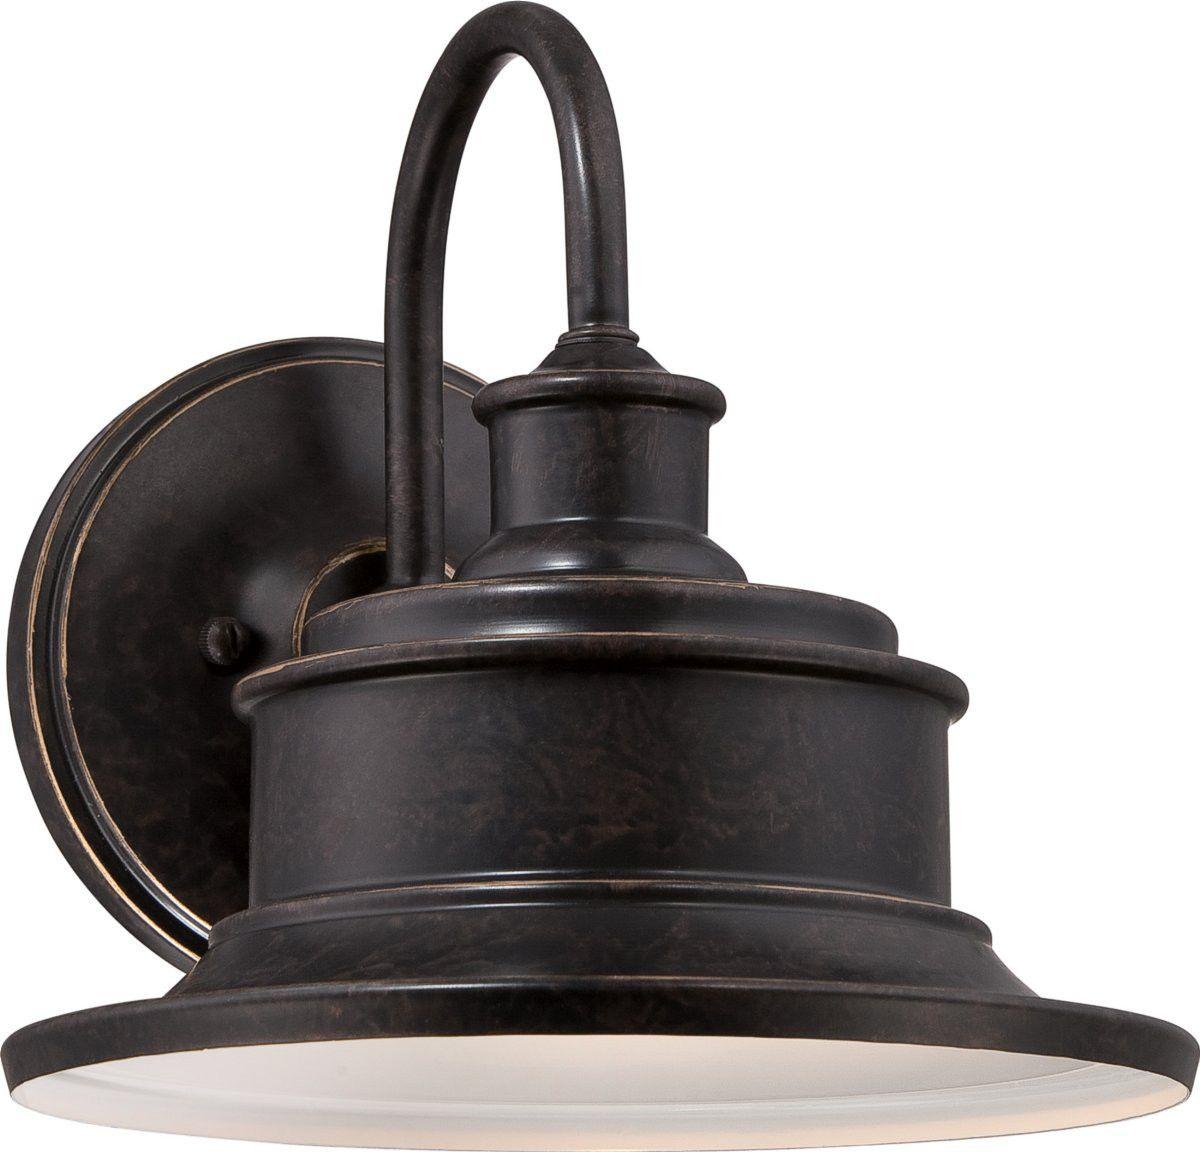 Outdoor lamps  Quoizel Lighting u Lamps  Classic Chandeliers Bath Outdoor Lights